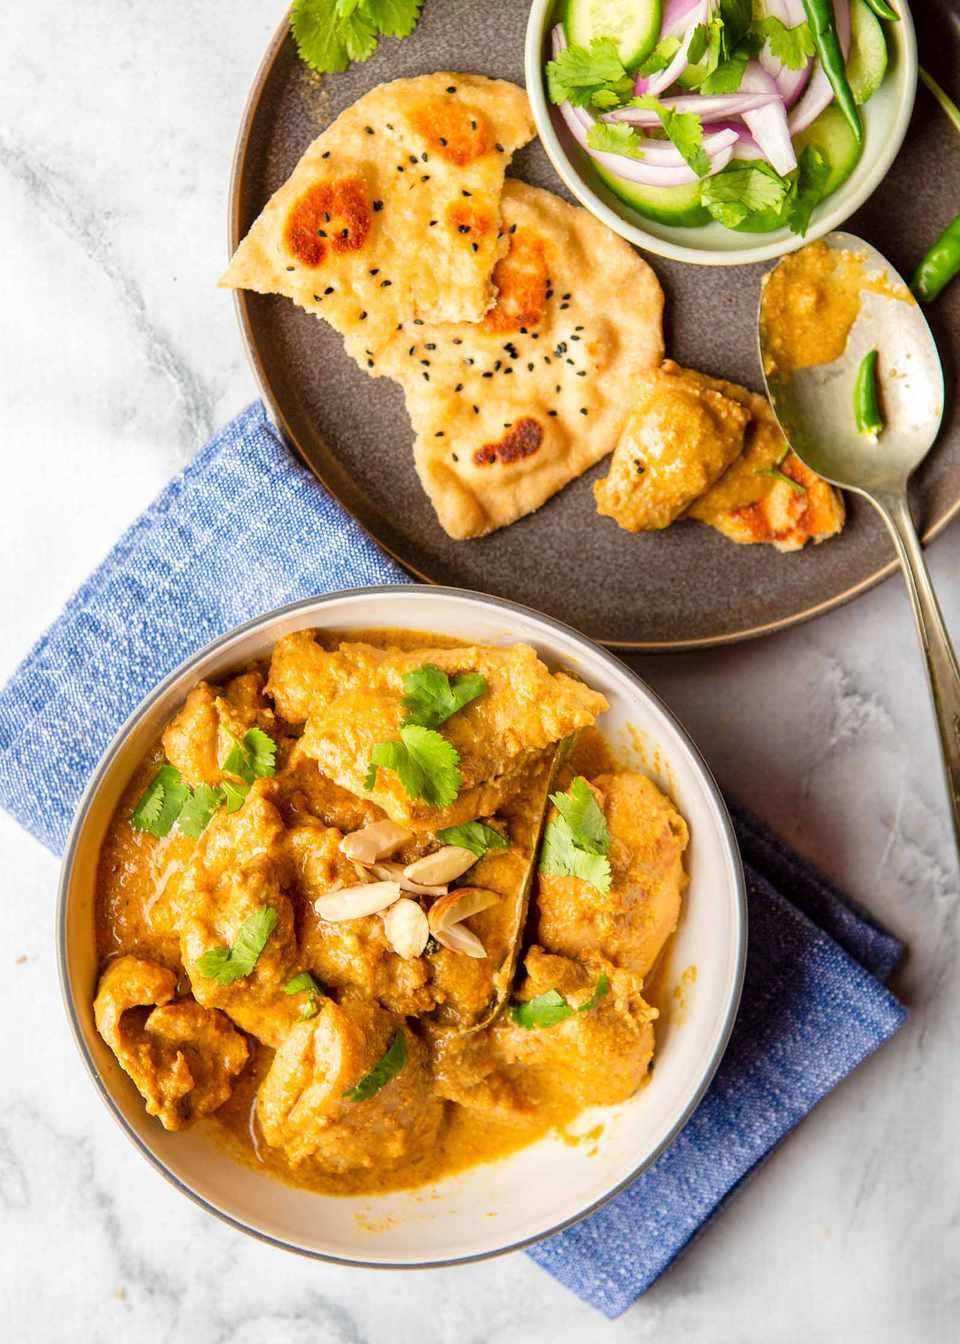 Best Recipe for Chicken Korma - chicken korma with naan.